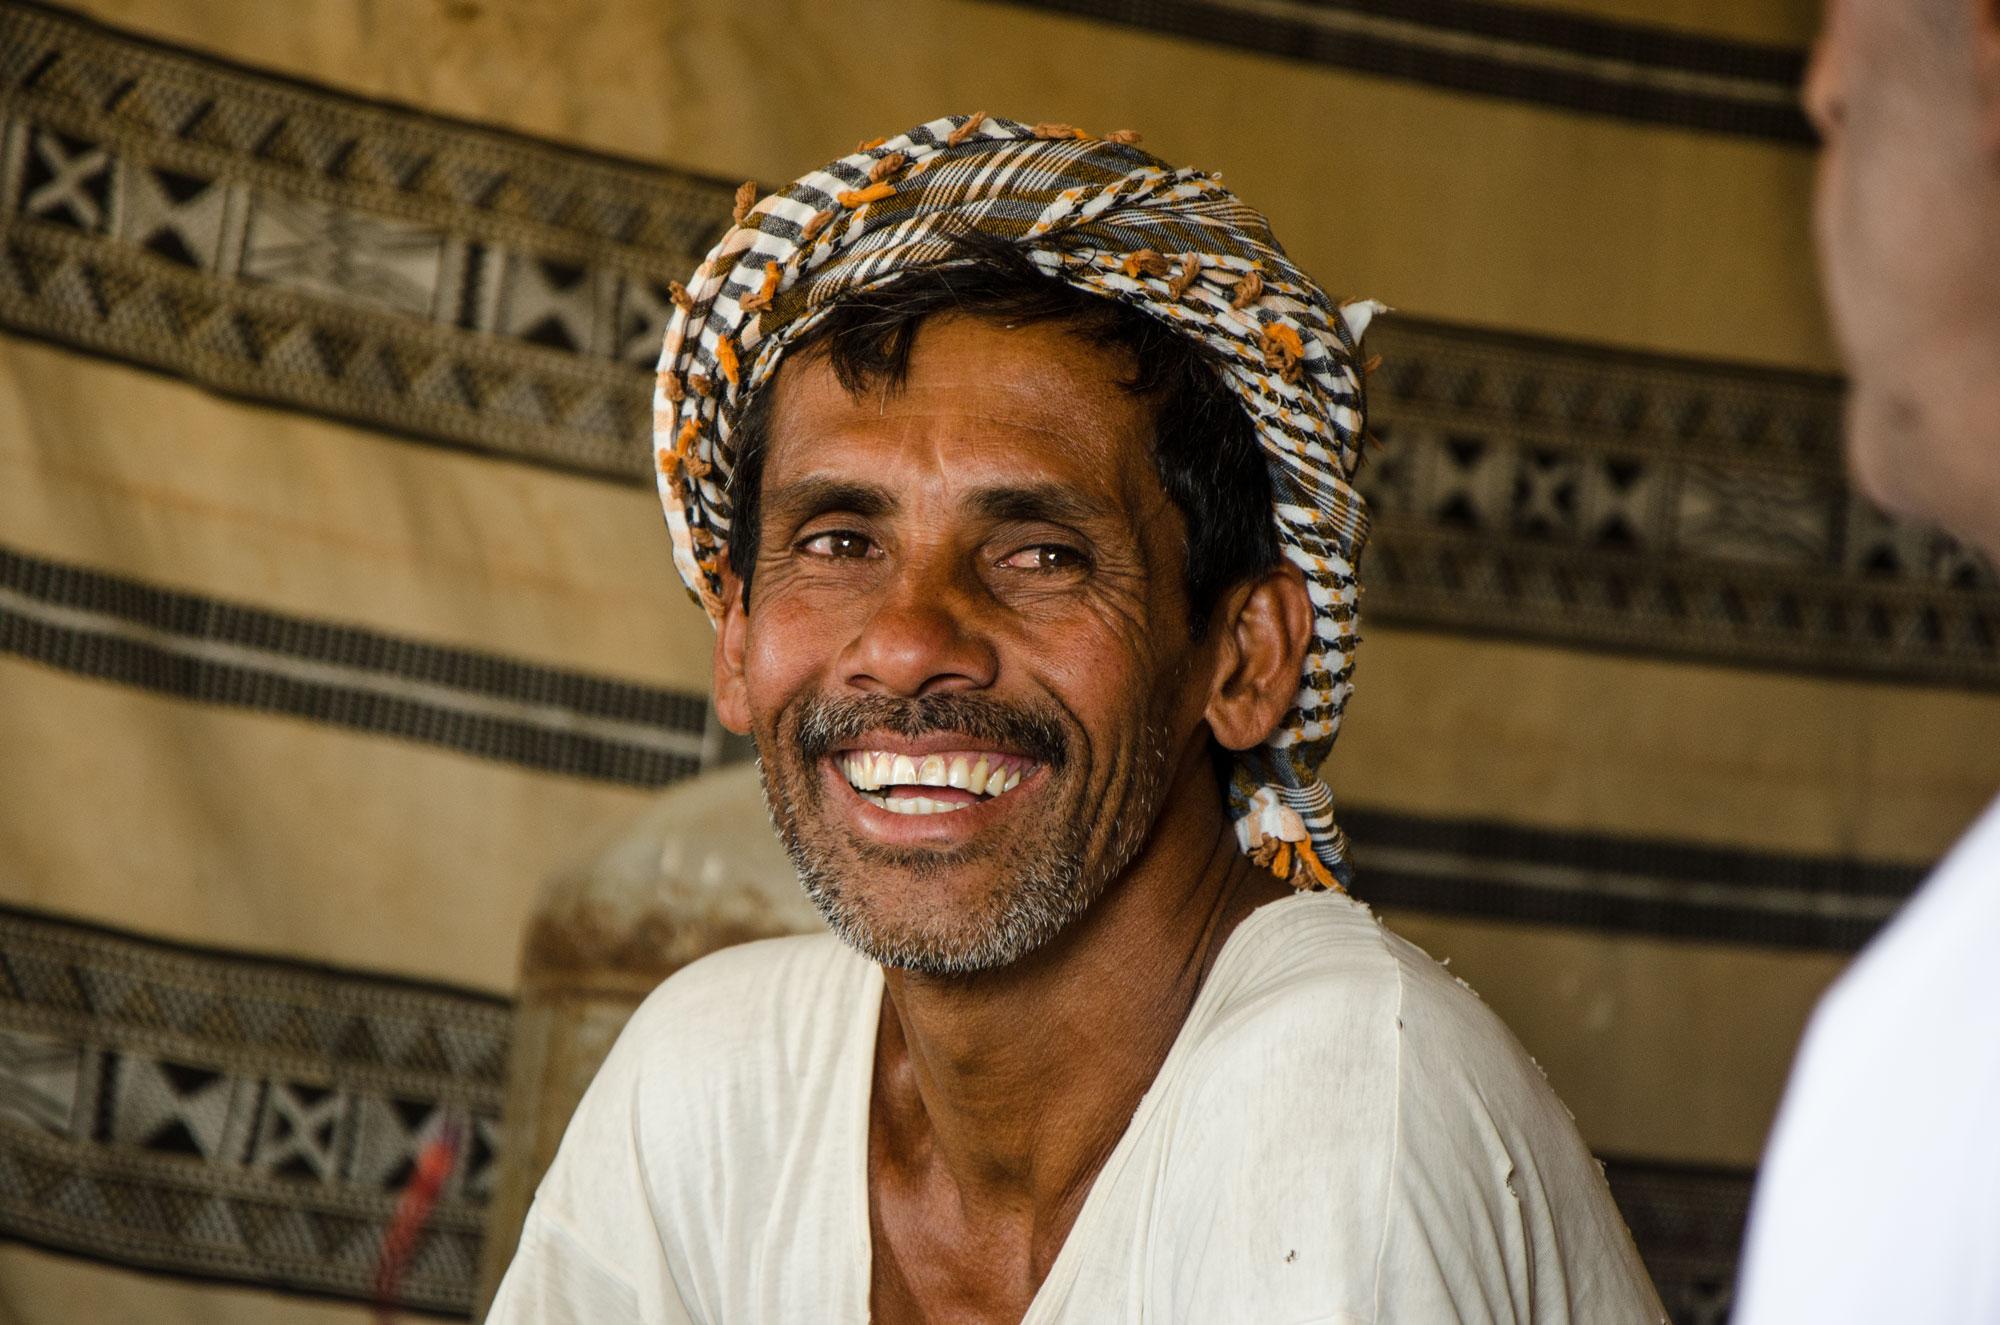 Shah Alam in seinem Beduinenzelt. Foto: Lothar Ruttner